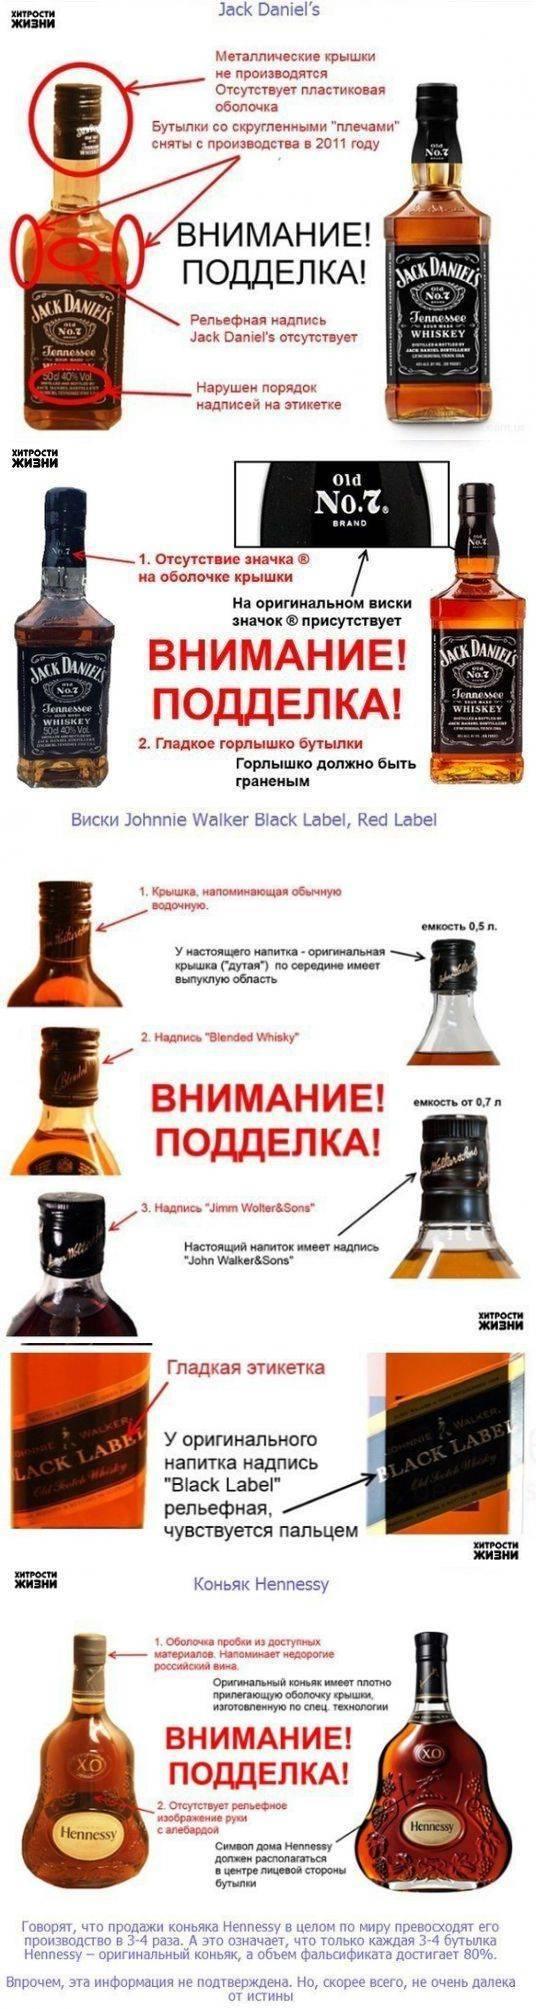 Как отличить поддельный алкоголь от настоящего